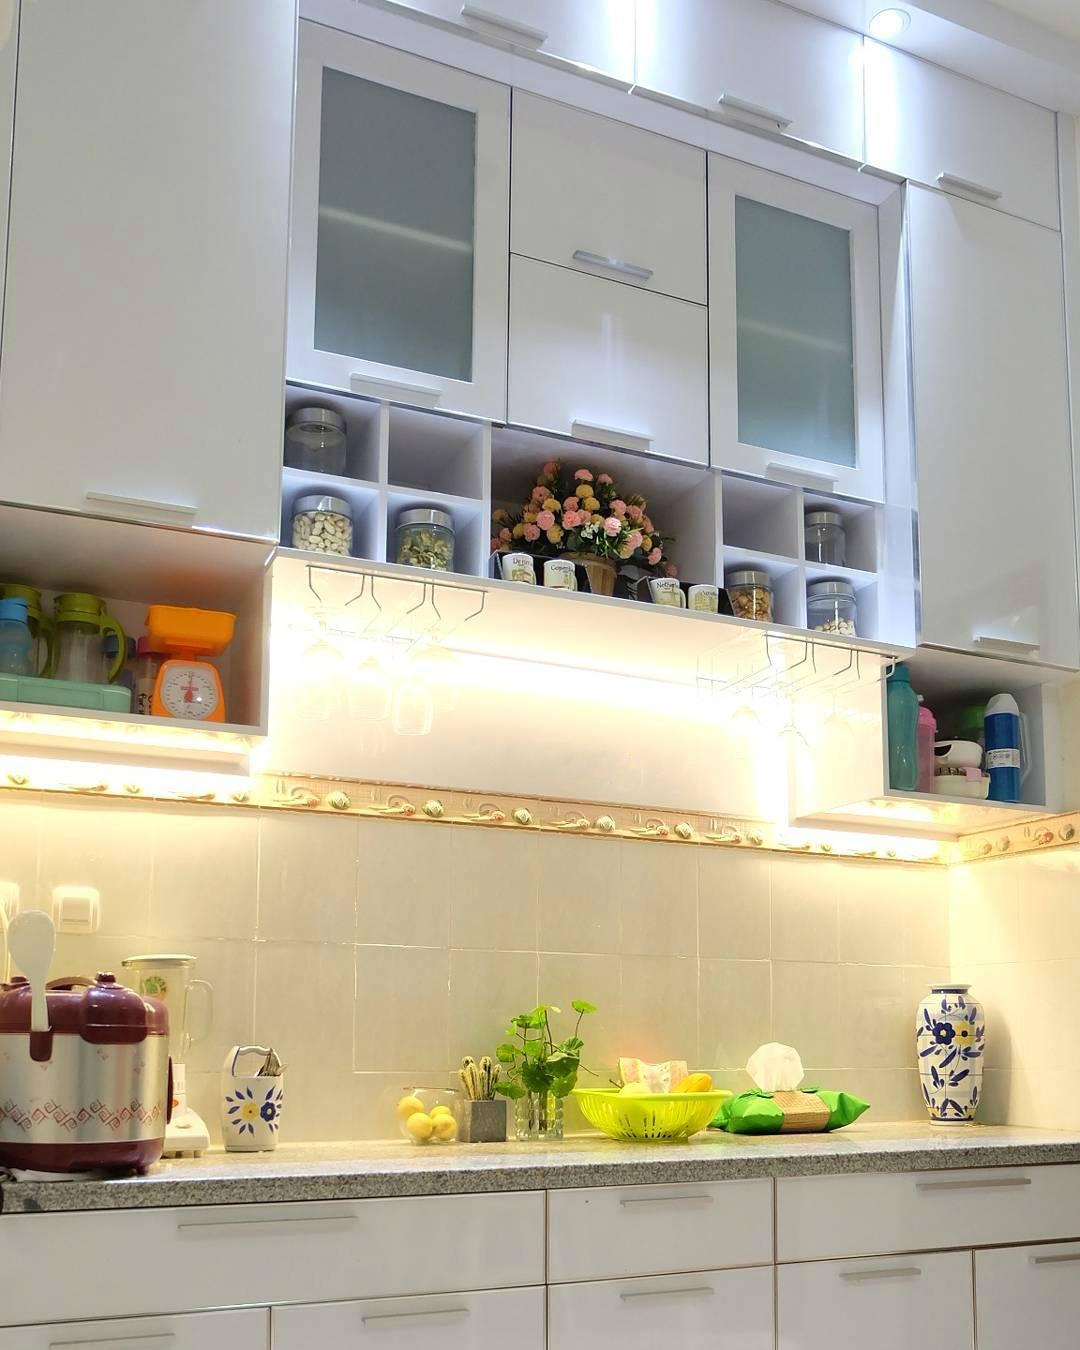 дополнительные полки для кухонного гарнитура фото идея хранение в маленькой квартире